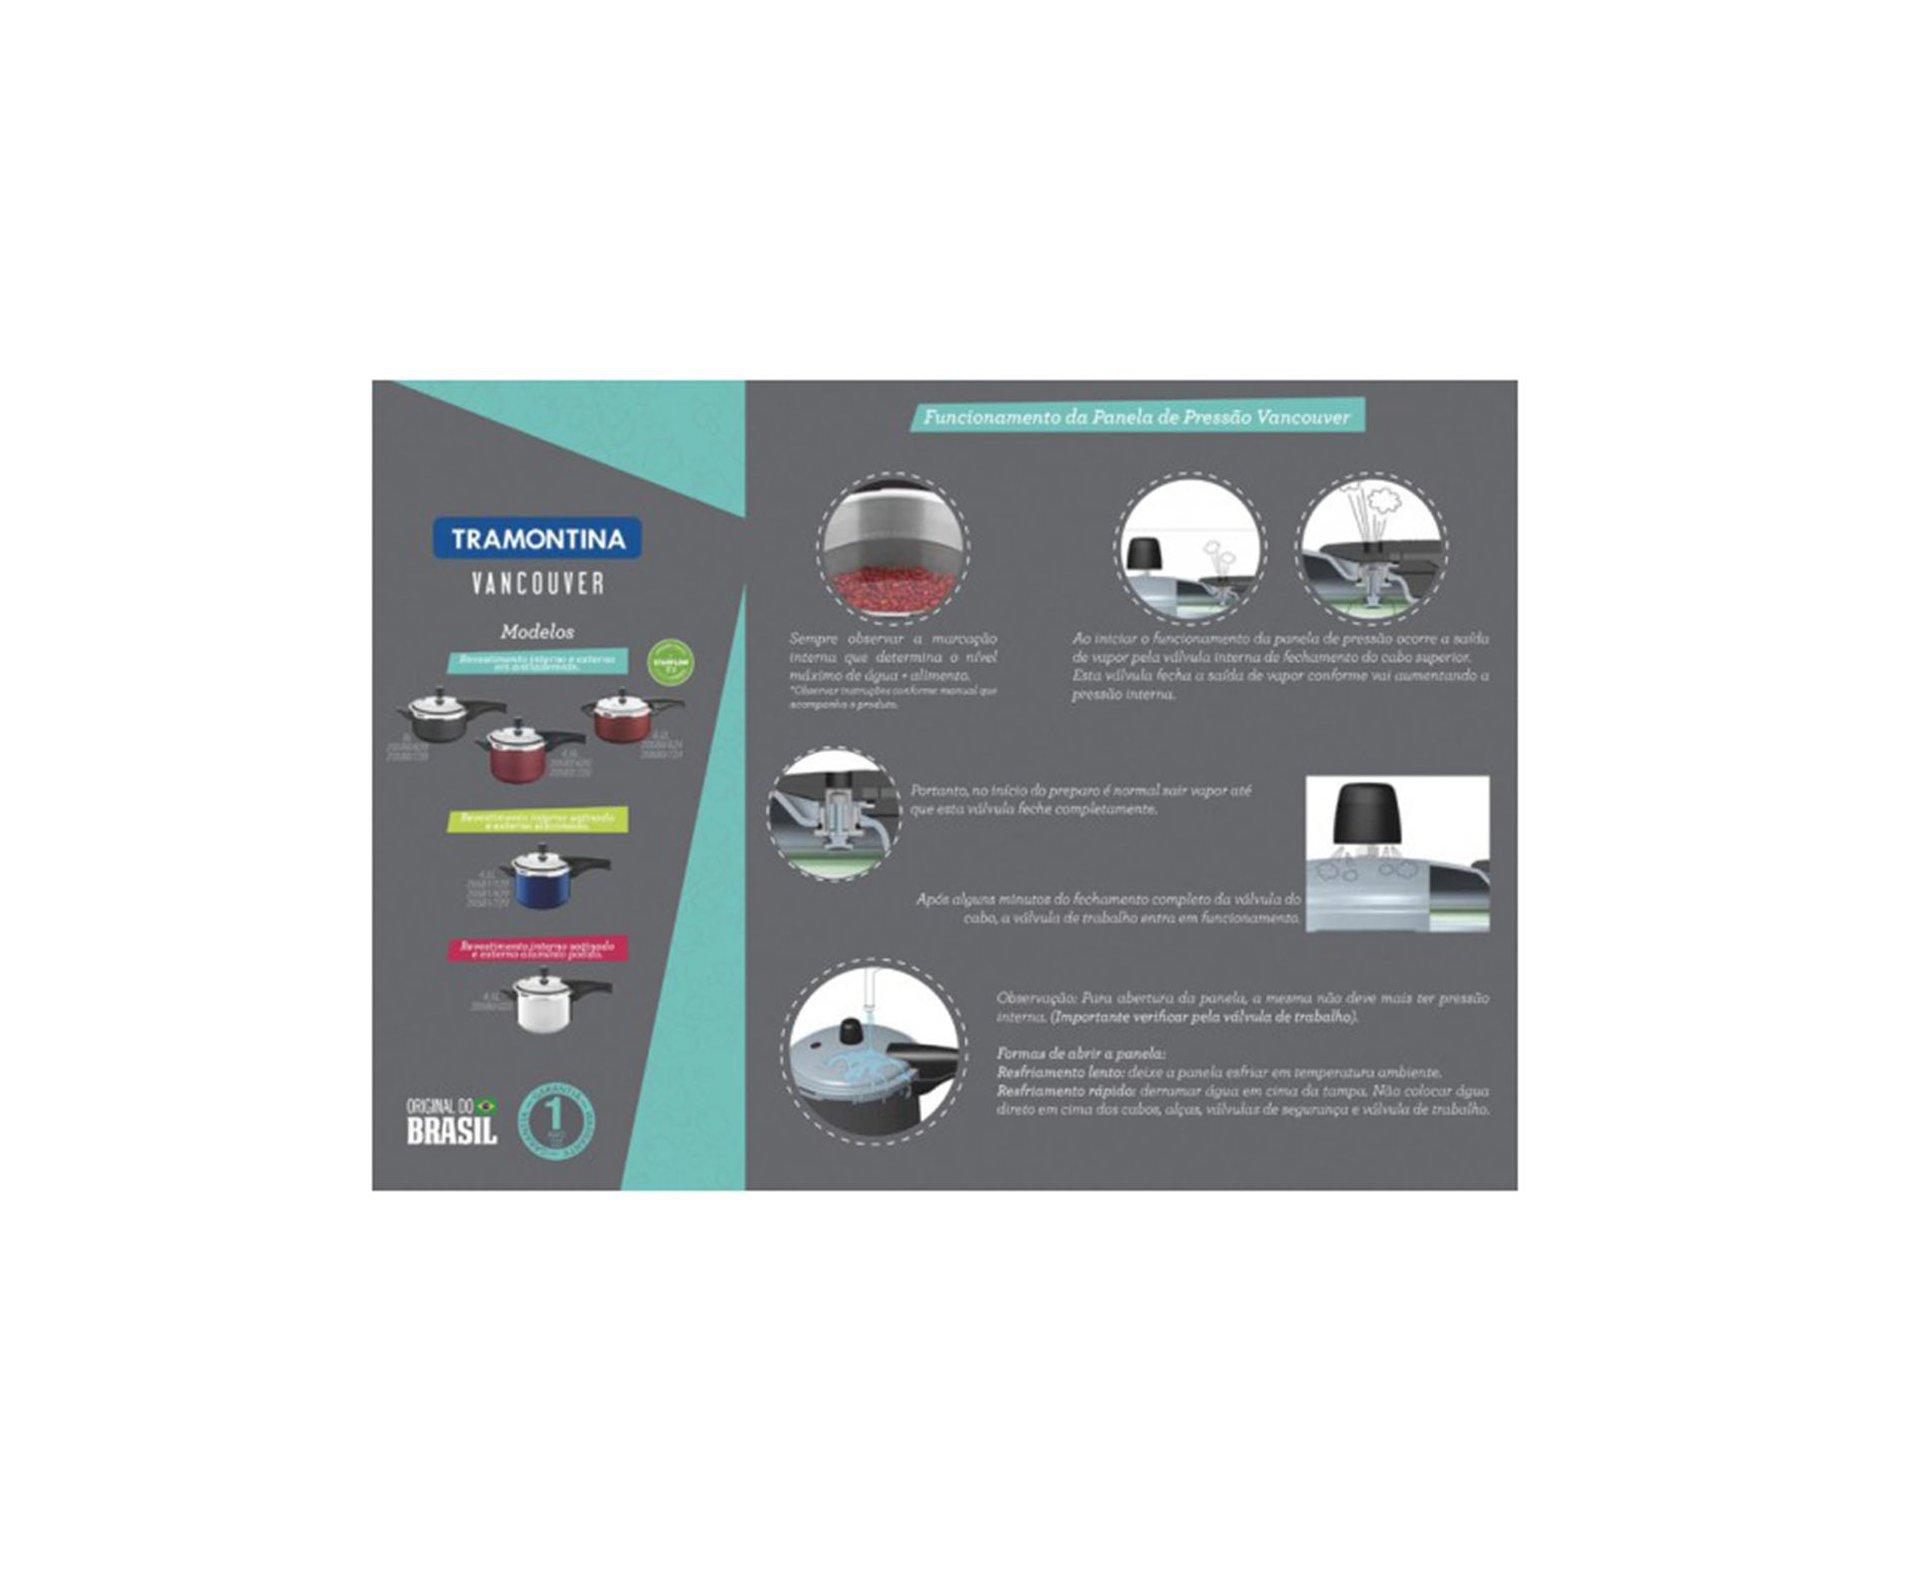 Panela De Pressão 6,0l Vancouver Aluminio Com Revestimento Antiaderente - Tramontina